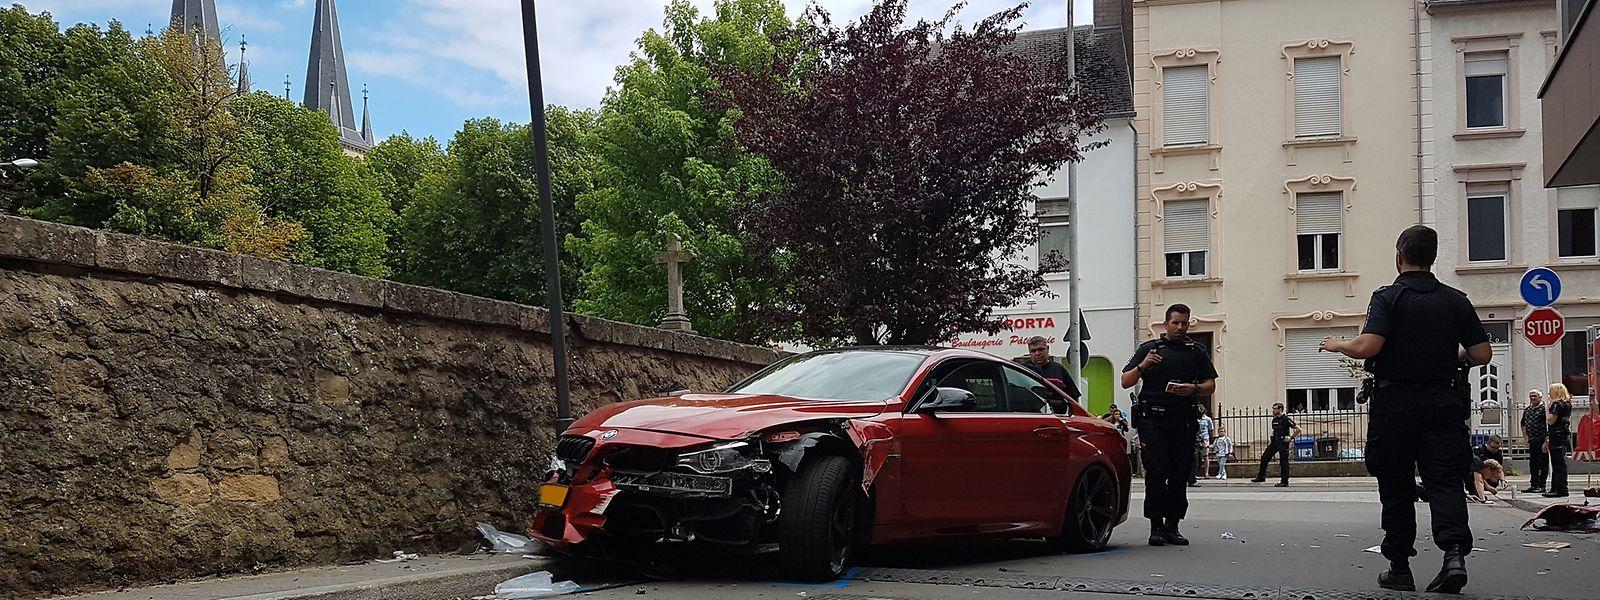 Difficile pour le moment de connaître les circonstances exactes de l'accident